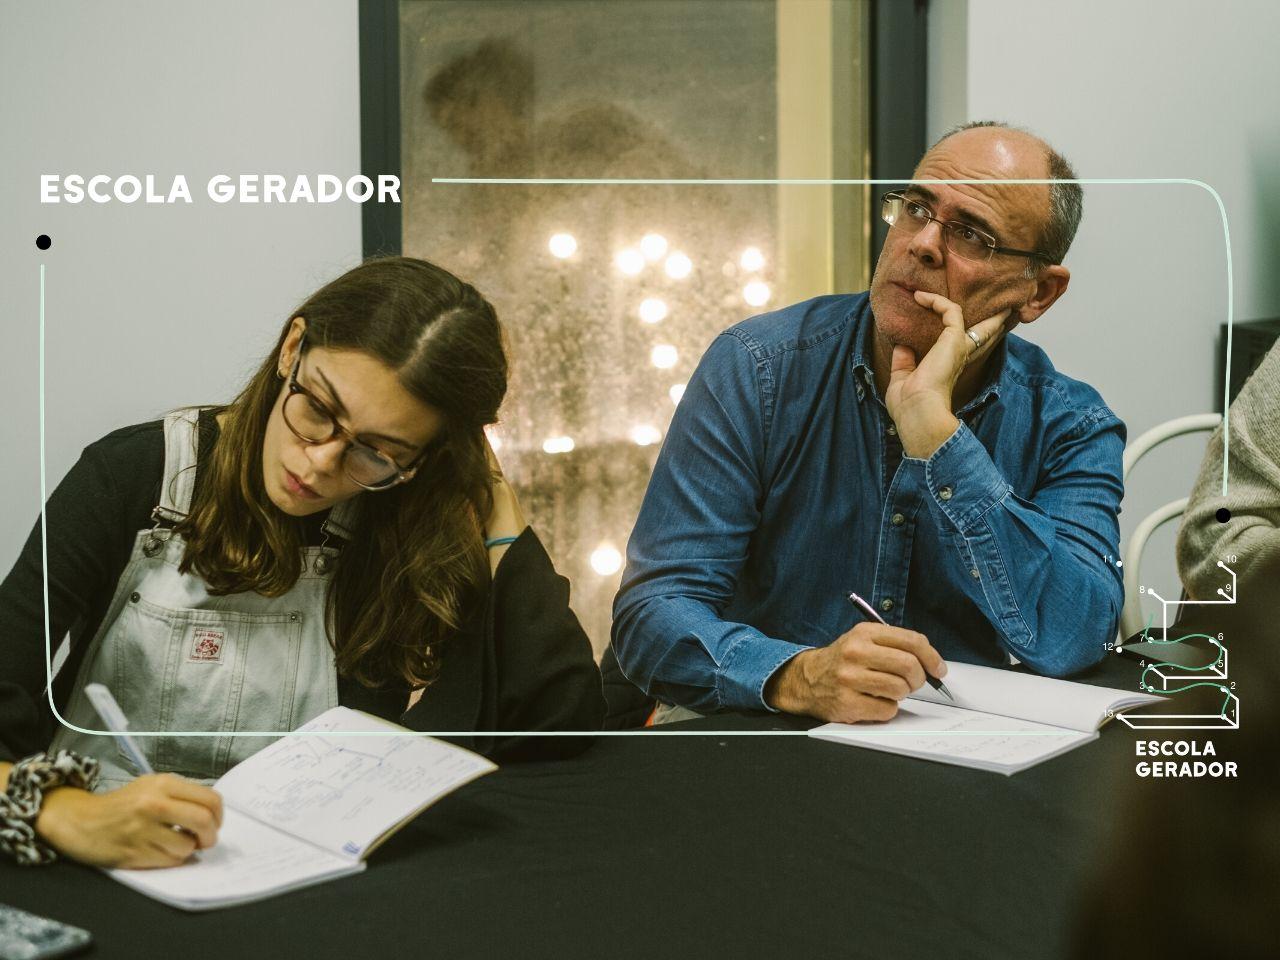 escola-gerador-portugues